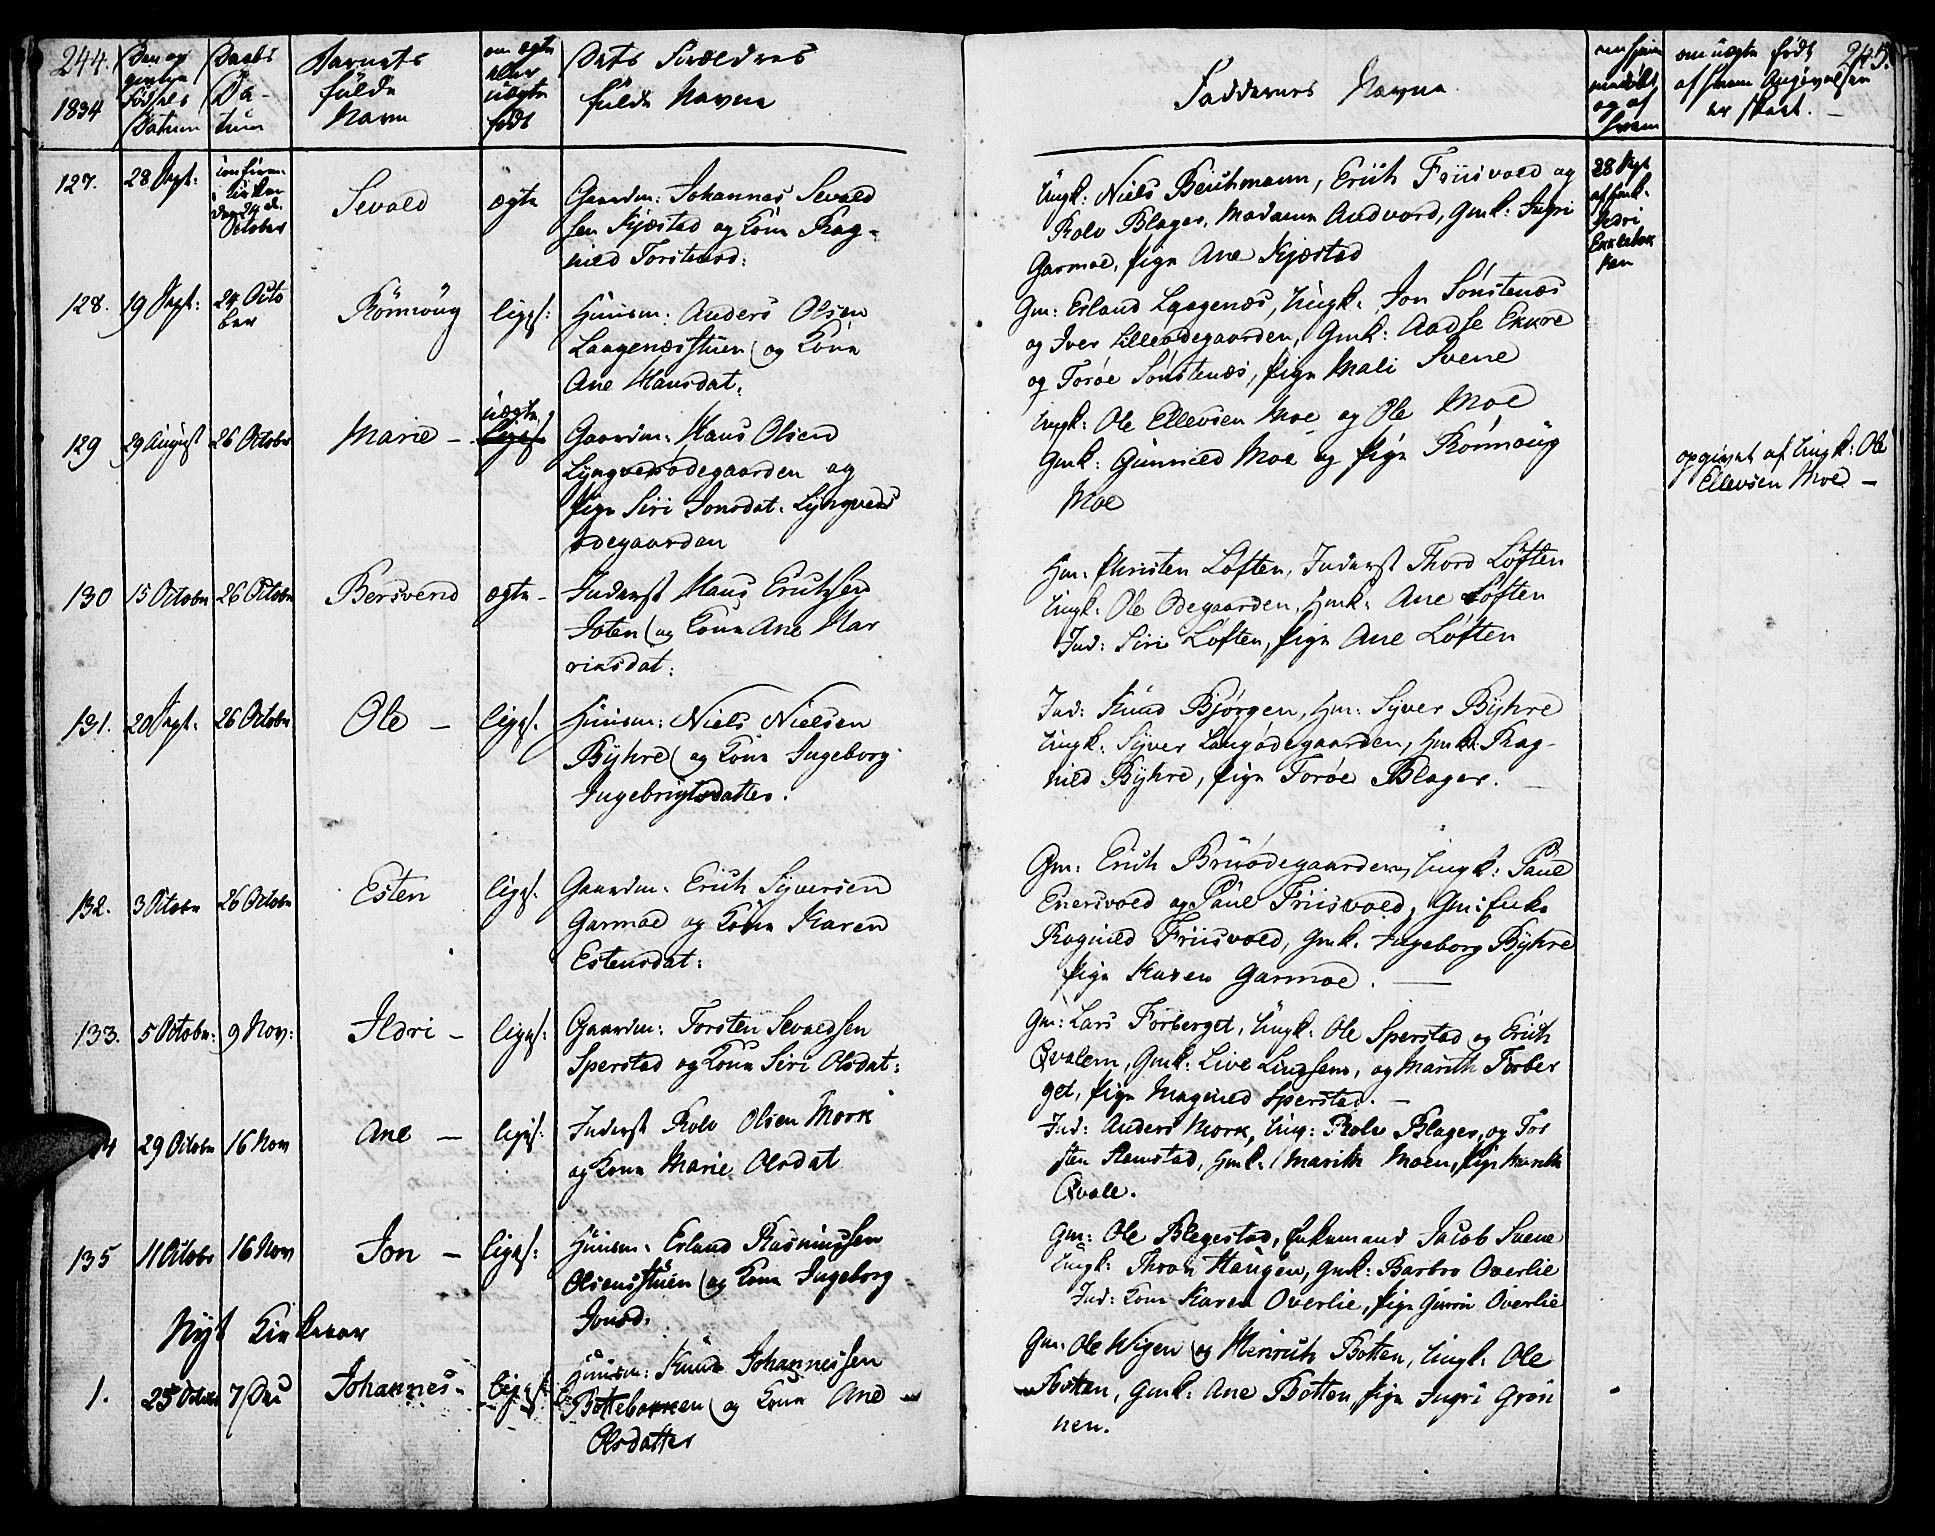 SAH, Lom prestekontor, K/L0005: Ministerialbok nr. 5, 1825-1837, s. 244-245